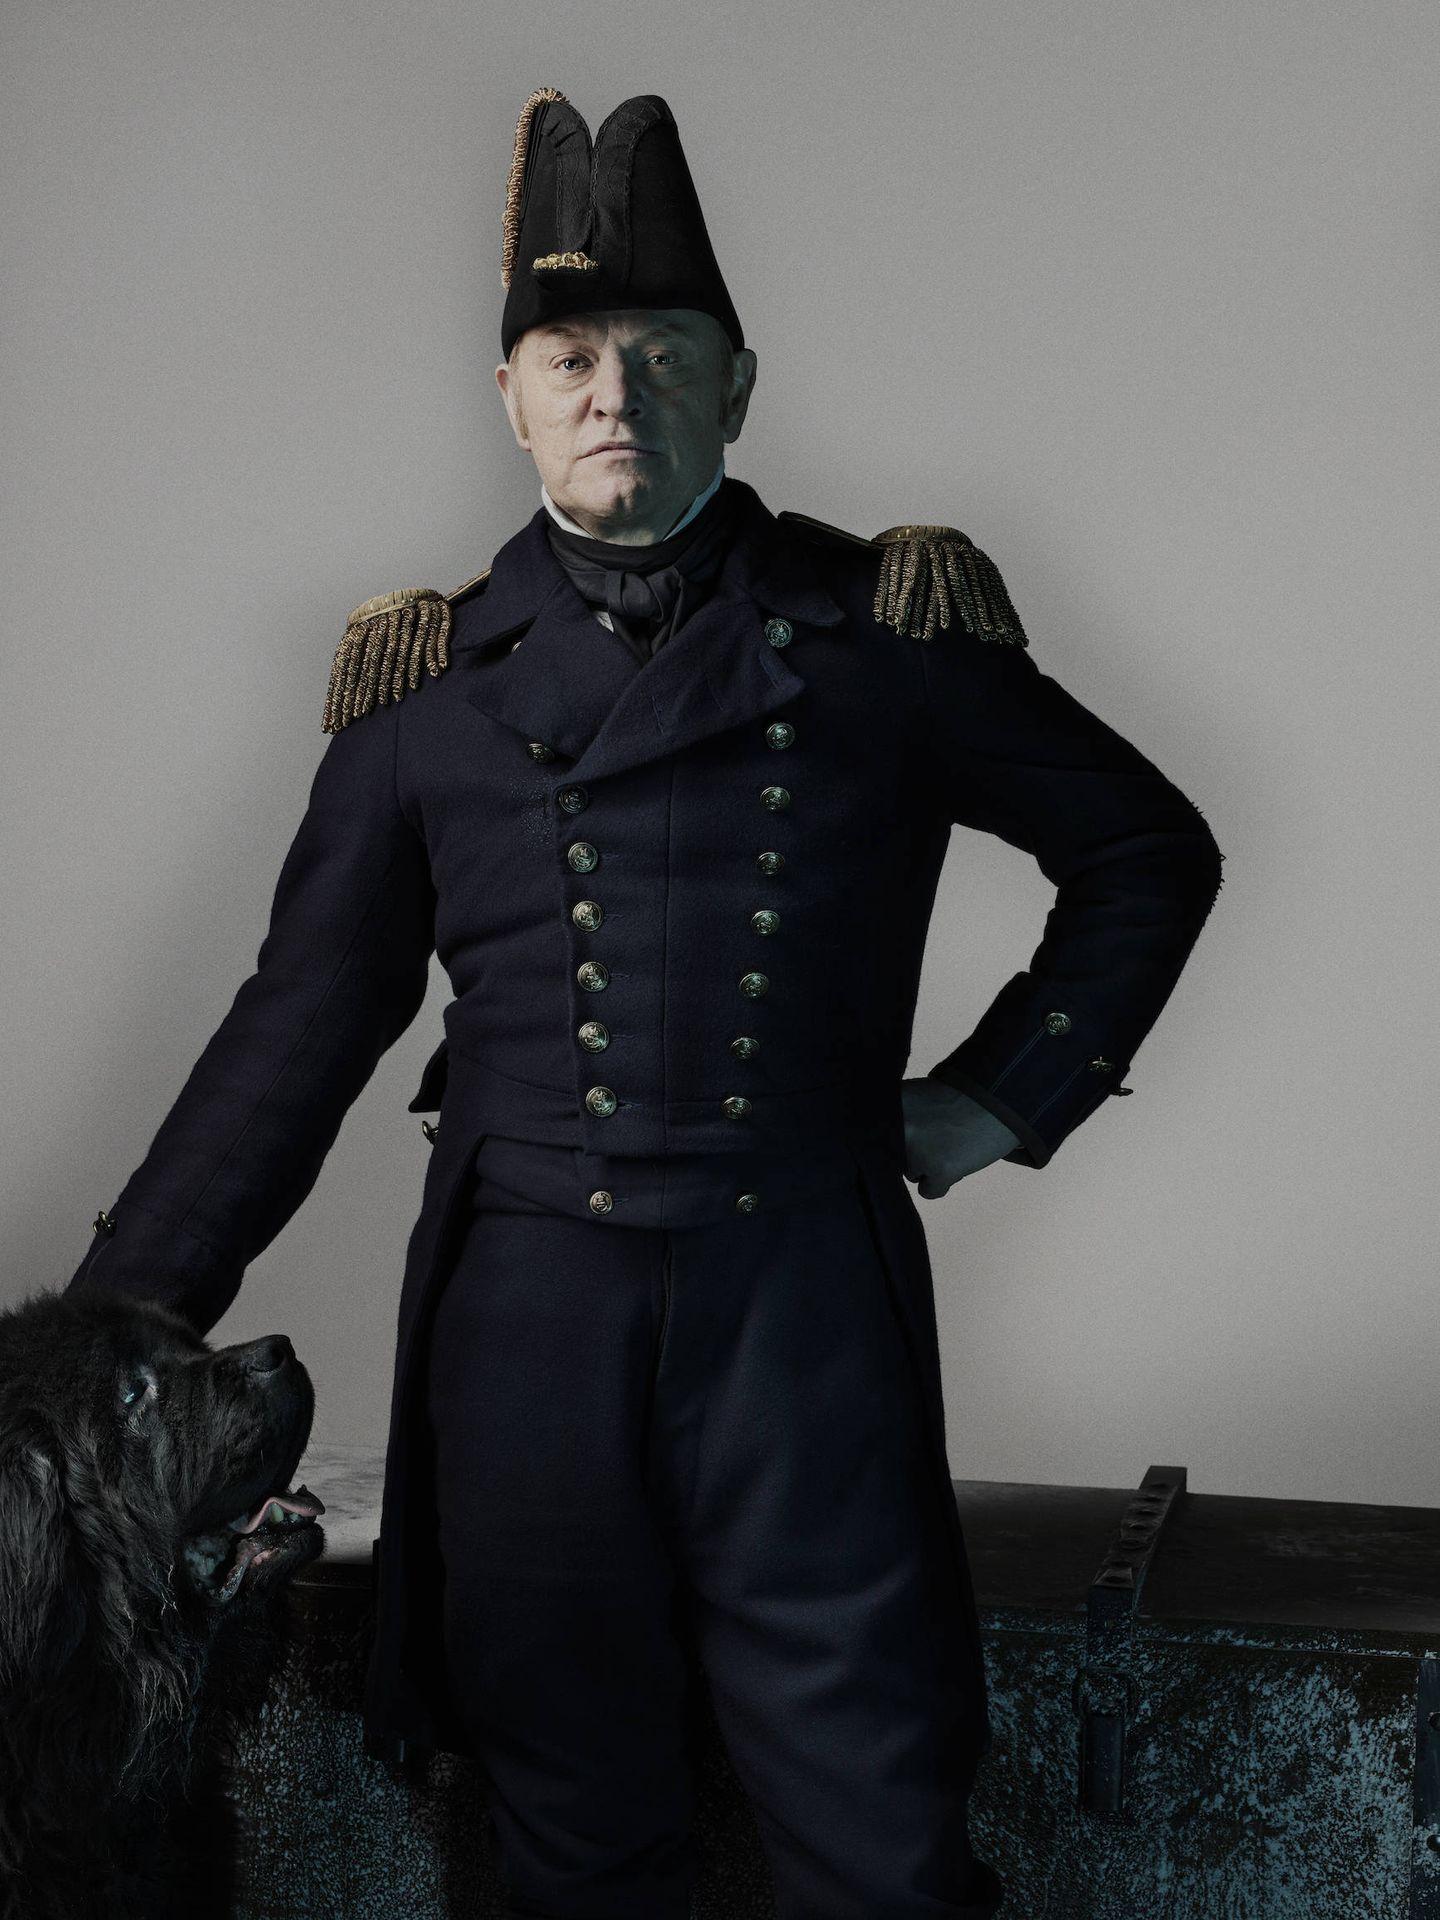 Harris caracterizado como el capitán Crozier. (AMC)